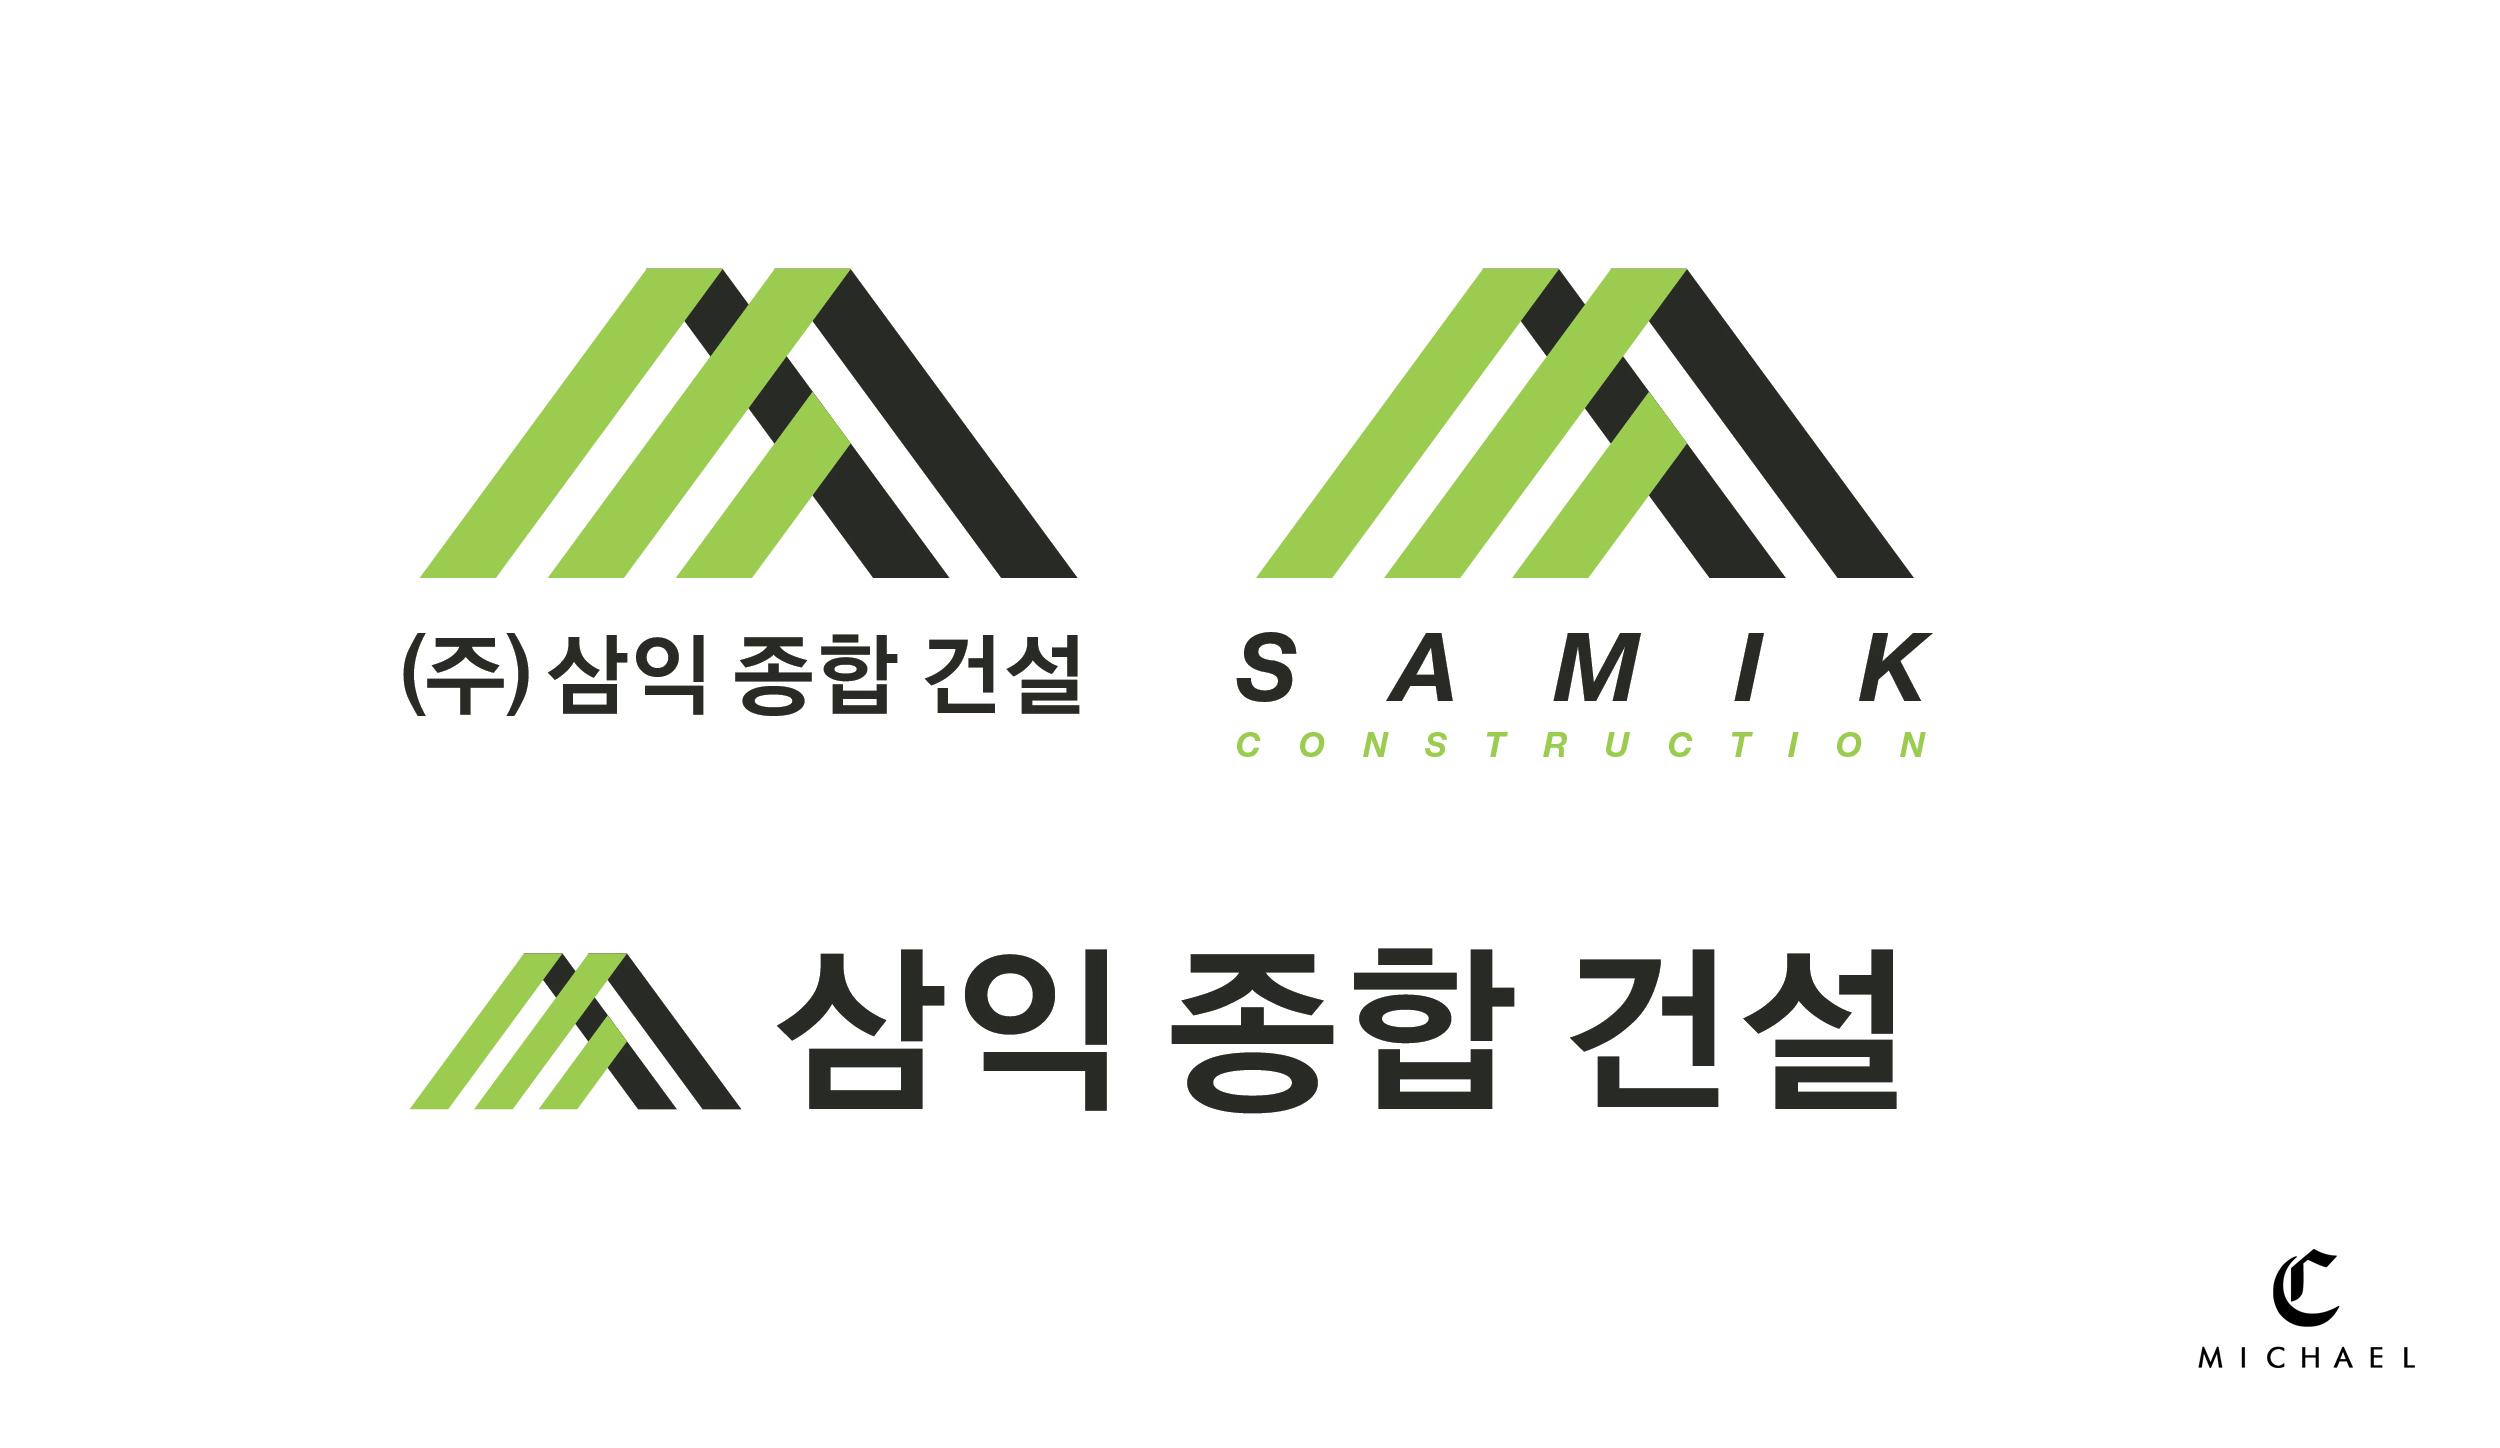 Samik (2015)